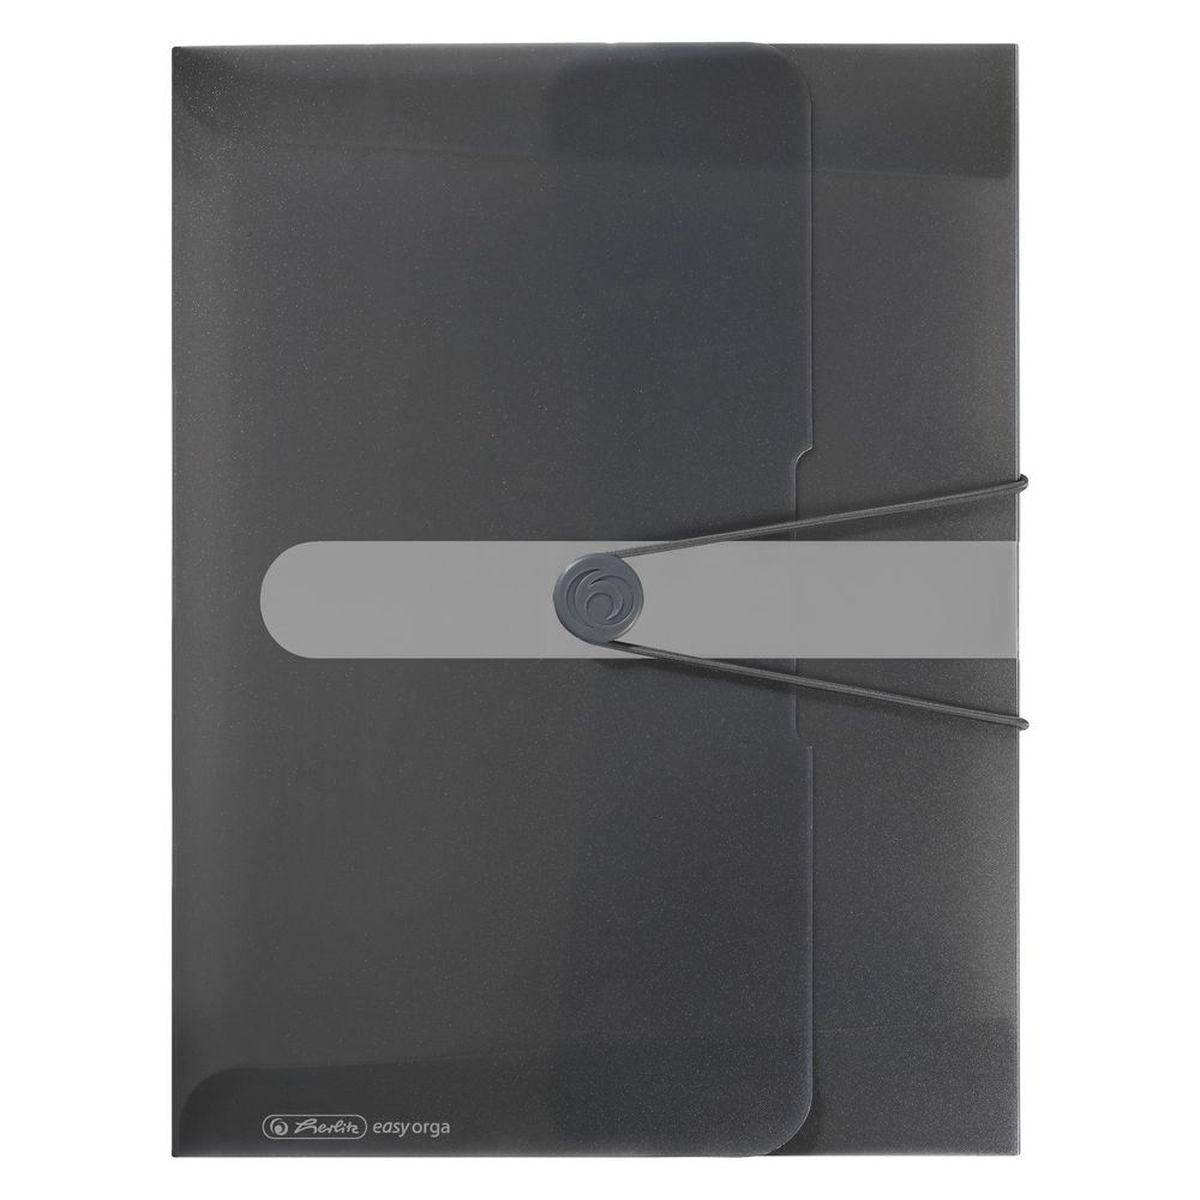 Herlitz Папка-конверт Easy orga to go цвет серый828637Папка-конверт Herlitz Easy orga to go станет вашим верным помощником дома и в офисе.Это удобный и функциональный инструмент, предназначенный для хранения и транспортировки больших объемов рабочих бумаг и документов формата А4. Папка изготовлена из износостойкого пластика и качественного полипропилена. Состоит из одного вместительного отделения. Закрывается папка при помощи резинки, а на корешке папки есть ярлычок.Папка - это незаменимый атрибут для любого студента, школьника или офисного работника. Такая папка надежно сохранит ваши бумаги и сбережет их от повреждений, пыли и влаги.